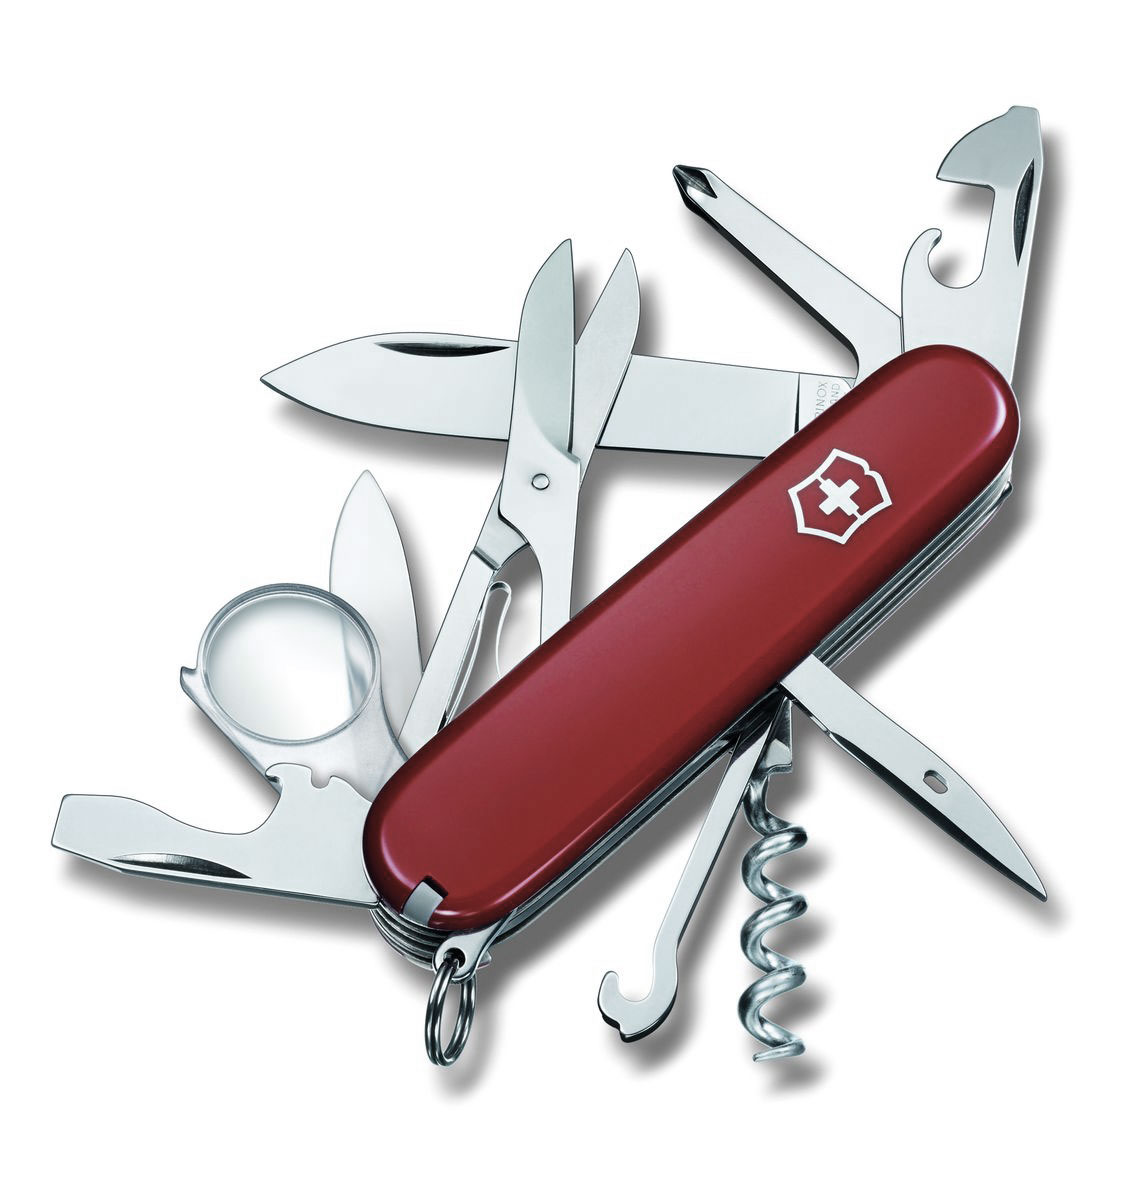 Нож перочинный Victorinox Explorer, цвет: красный, 16 функций, 9,1 см1.6703Лезвие перочинного складного ножа Victorinox Explorer изготовлено из высококачественной нержавеющей стали. Ручка, выполненная из прочного пластика, обеспечивает надежный и удобный хват.Хорошее качество, надежный долговечный материал и эргономичная рукоятка - что может быть удобнее на природе или на пикнике!Функции ножа:Большое лезвие.Малое лезвие.Штопор.Консервный нож с малой отверткой.Открывалка для бутылок с отверткой и инструментом для снятия изоляции.Шило, кернер.Кольцо для ключей.Пинцет.Зубочистка.Ножницы.Многофункциональный крючок.Крестовая отвертка.Лупа.Длина ножа в сложенном виде: 9,1 см.Длина ножа в разложенном виде: 16 см.Длина большого лезвия: 6,8 см.Длина малого лезвия: 4 см.